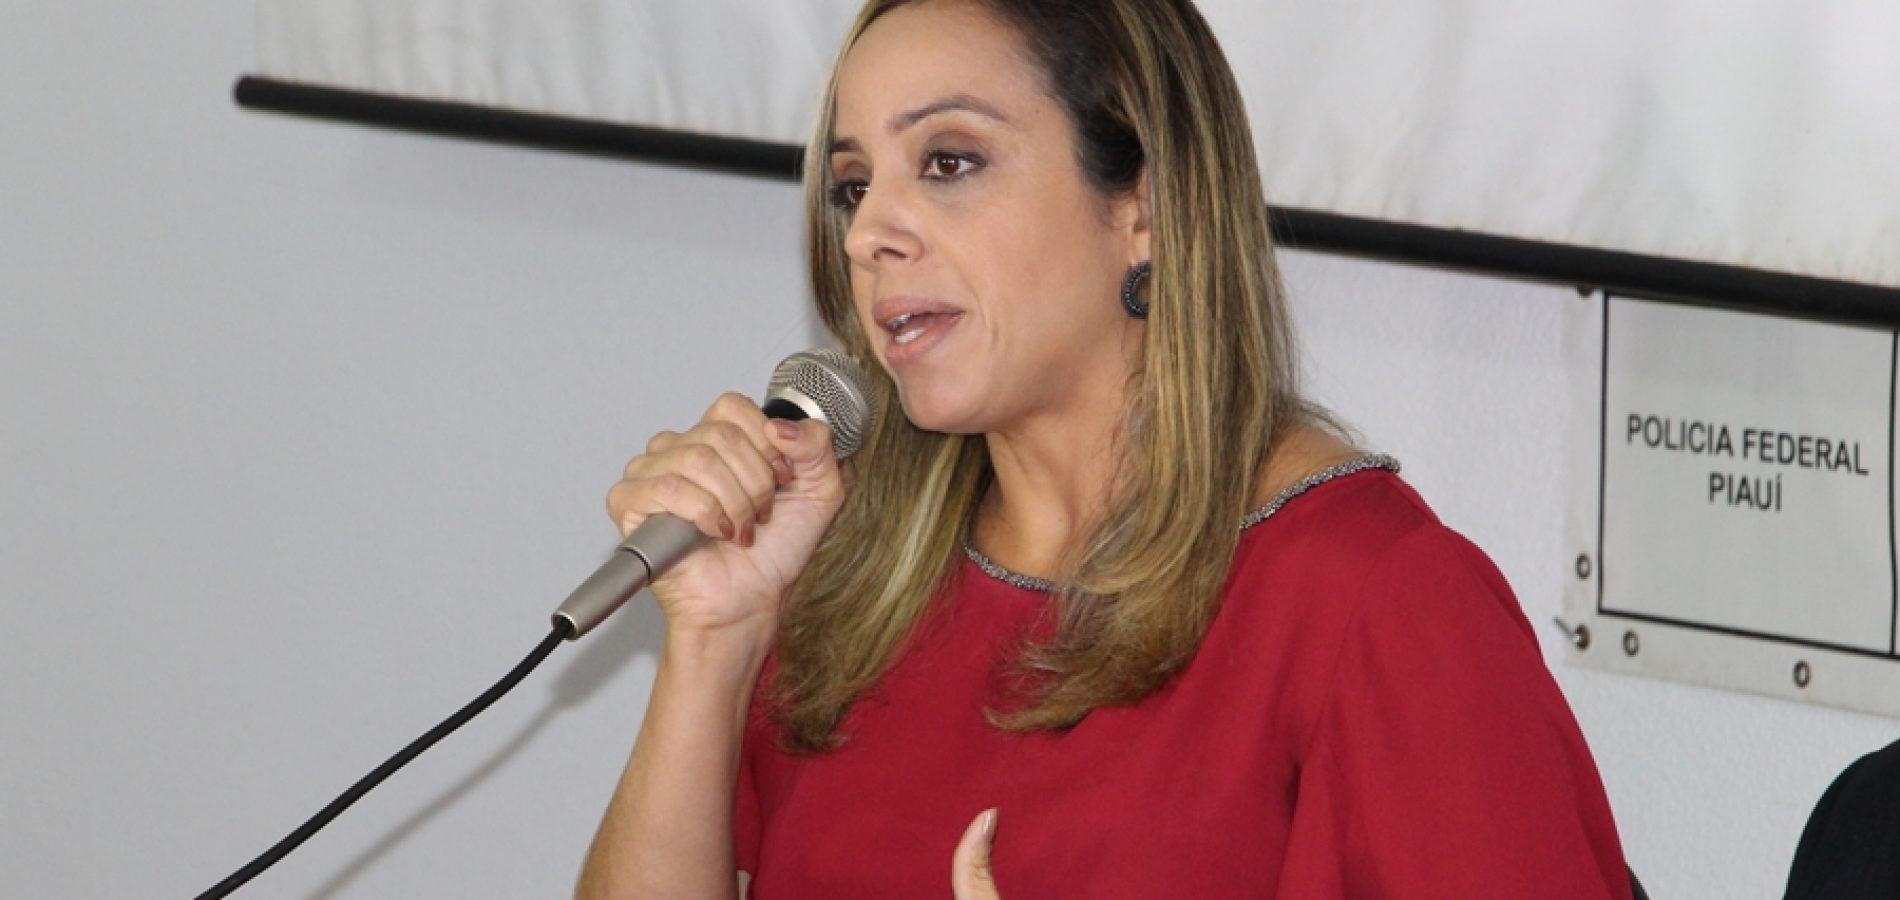 Explosões a bancos de Jaicós e Cocal podem ter mesma autoria, diz delegada